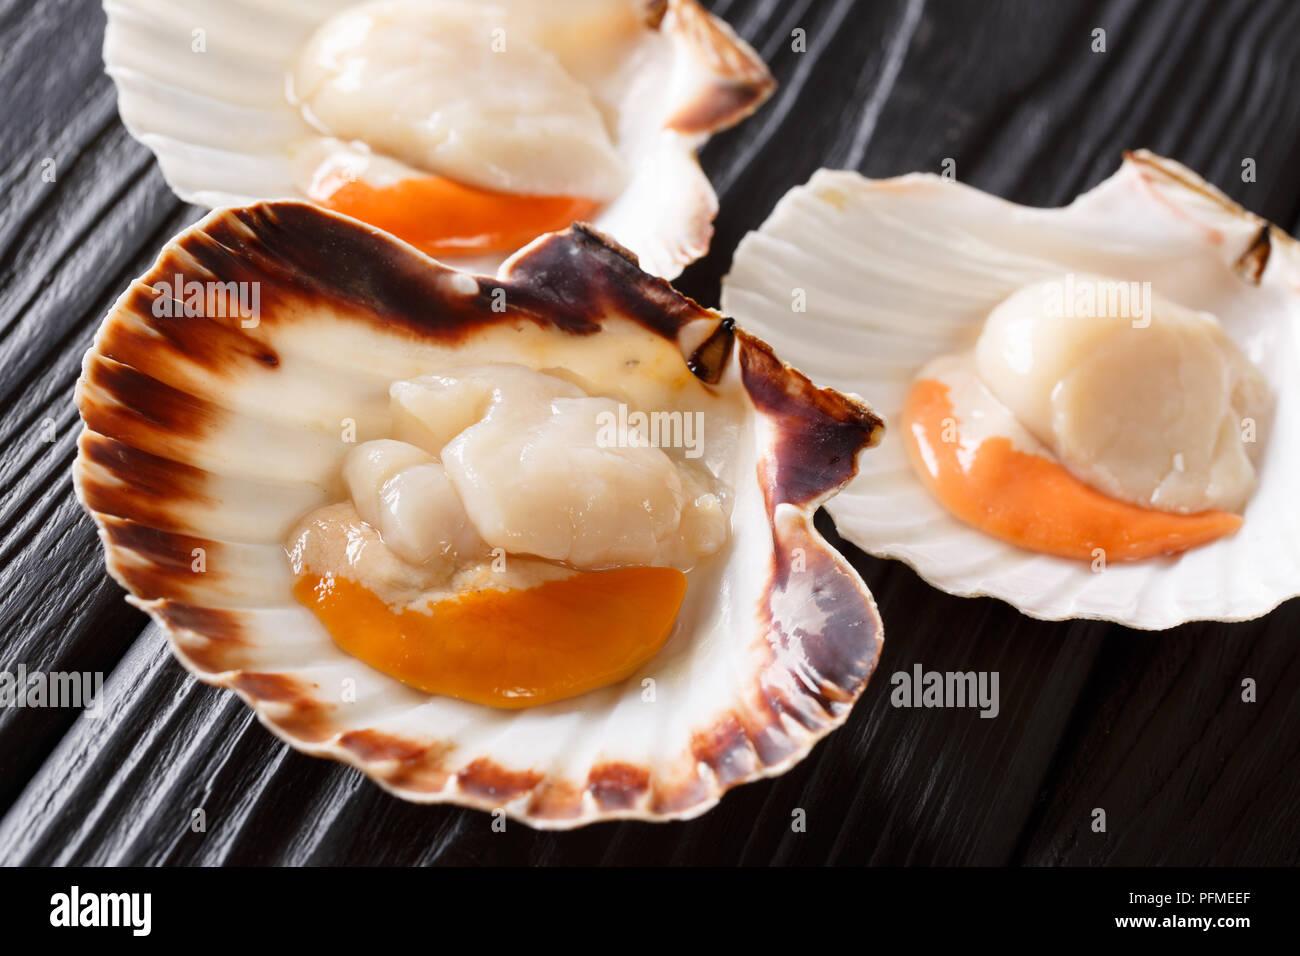 Fondo de marisco fresco con vieiras en blanco y marrón de conchas. Formato horizontal de mariscos. Imagen De Stock